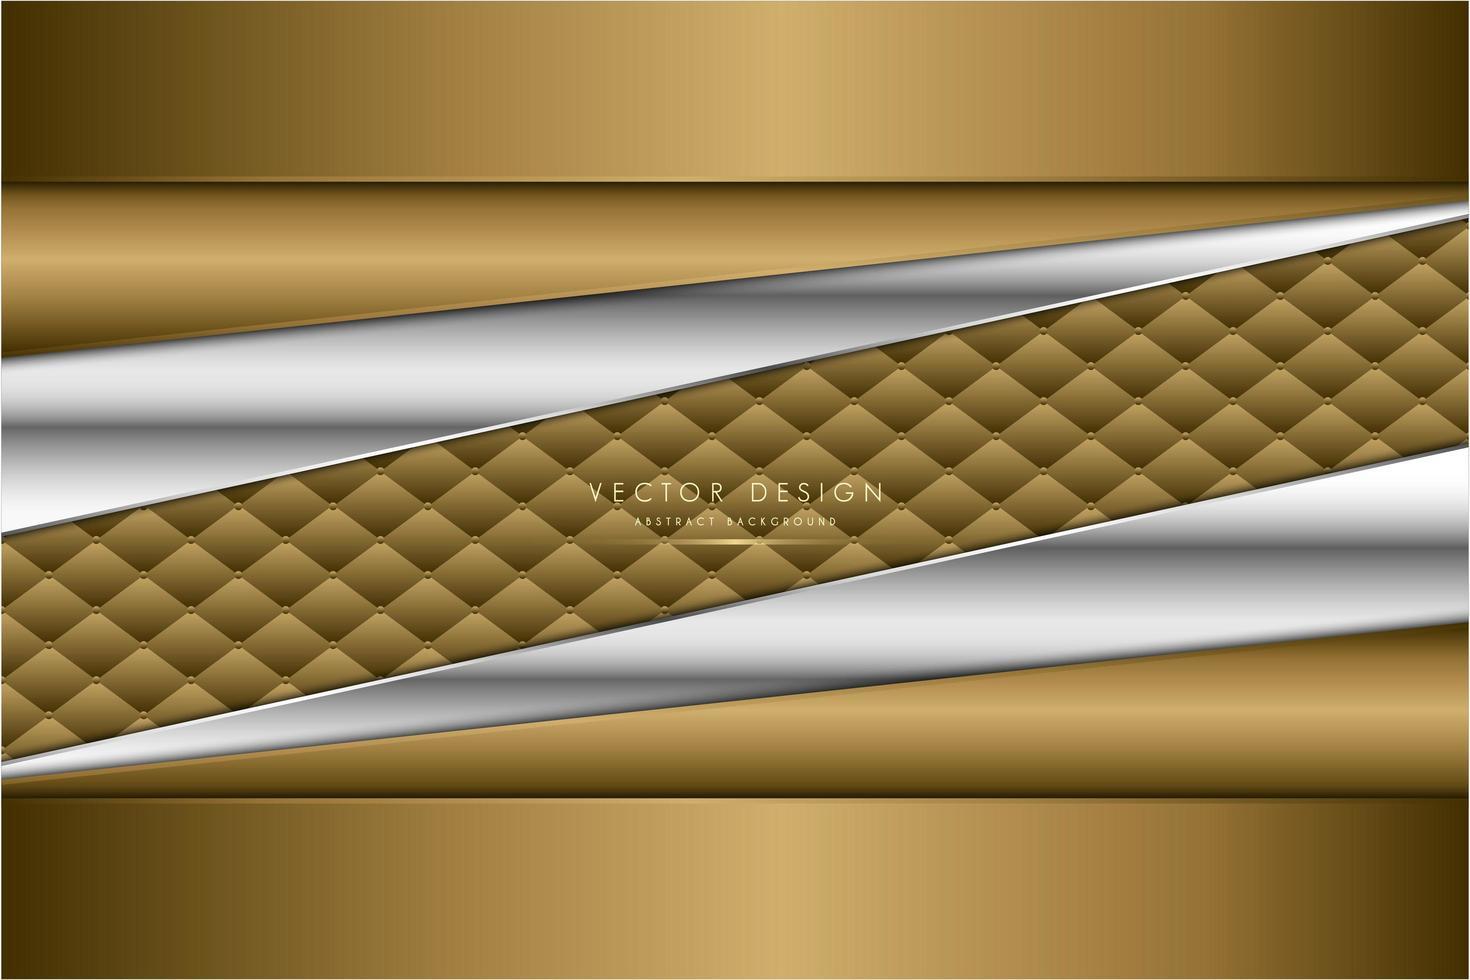 moderno fondo metálico plateado y dorado vector